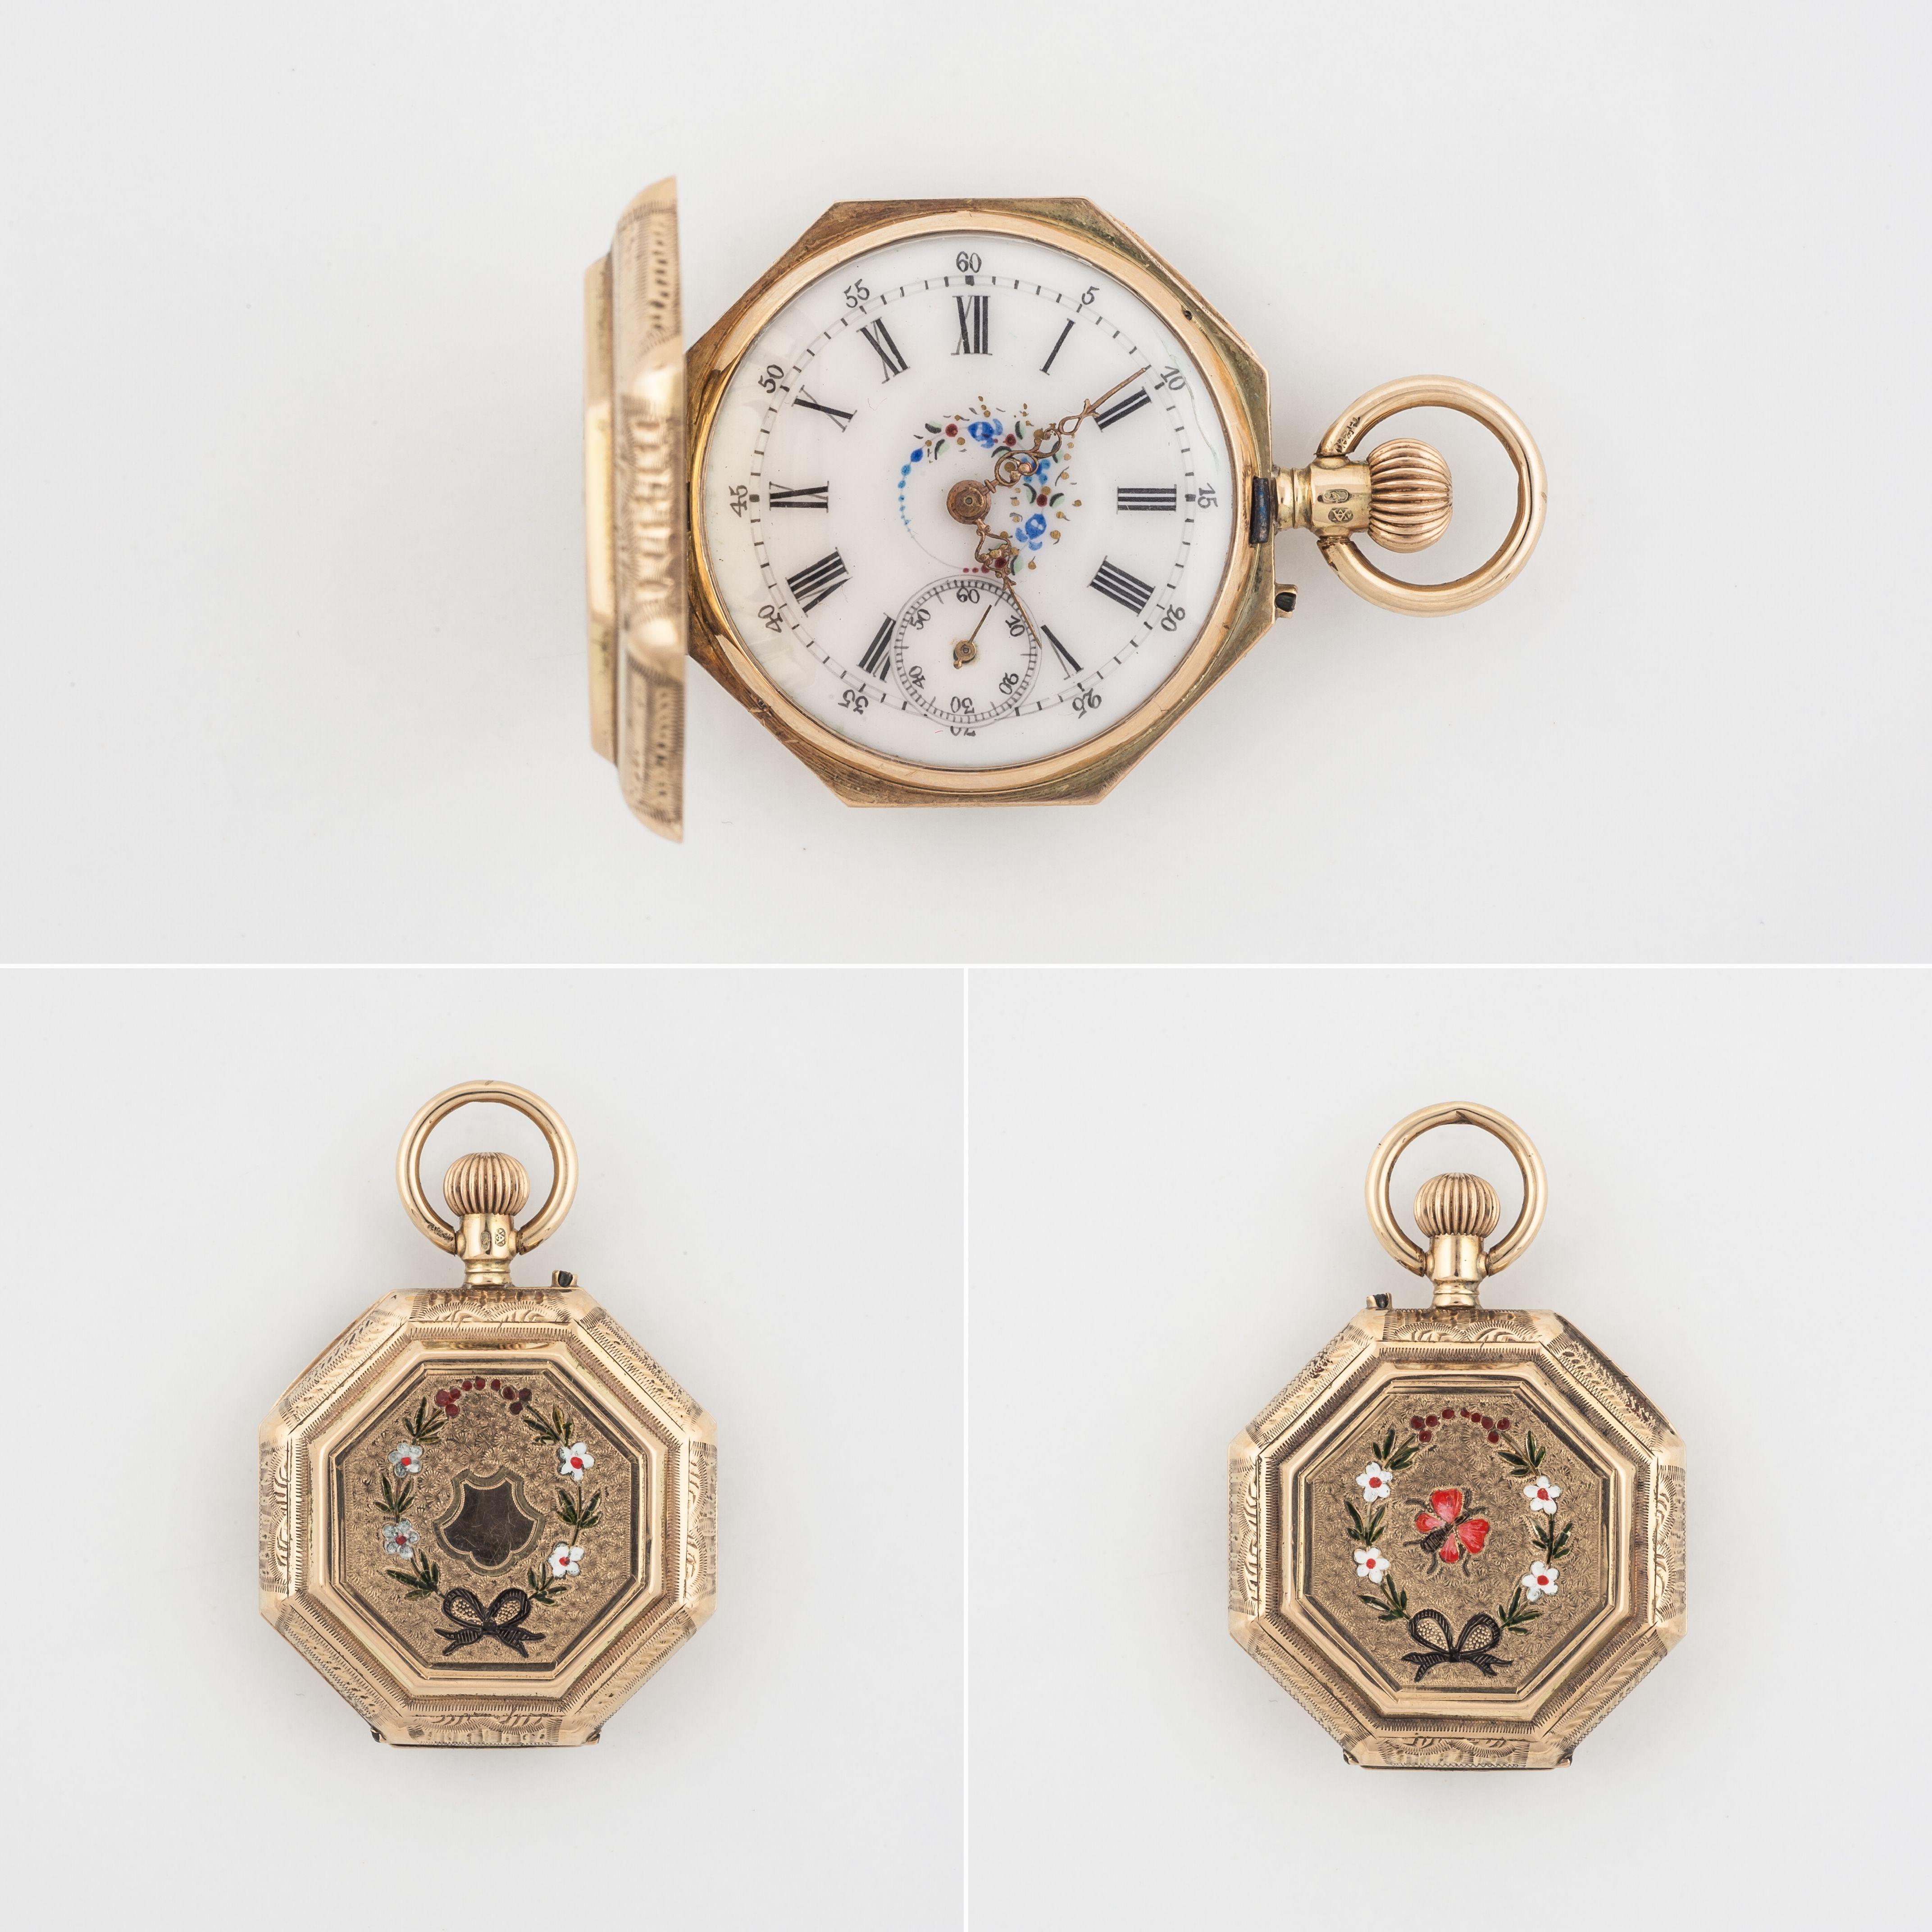 Ladies pocket watch 14 carat yellow gold, enamel , circa 1900-1910